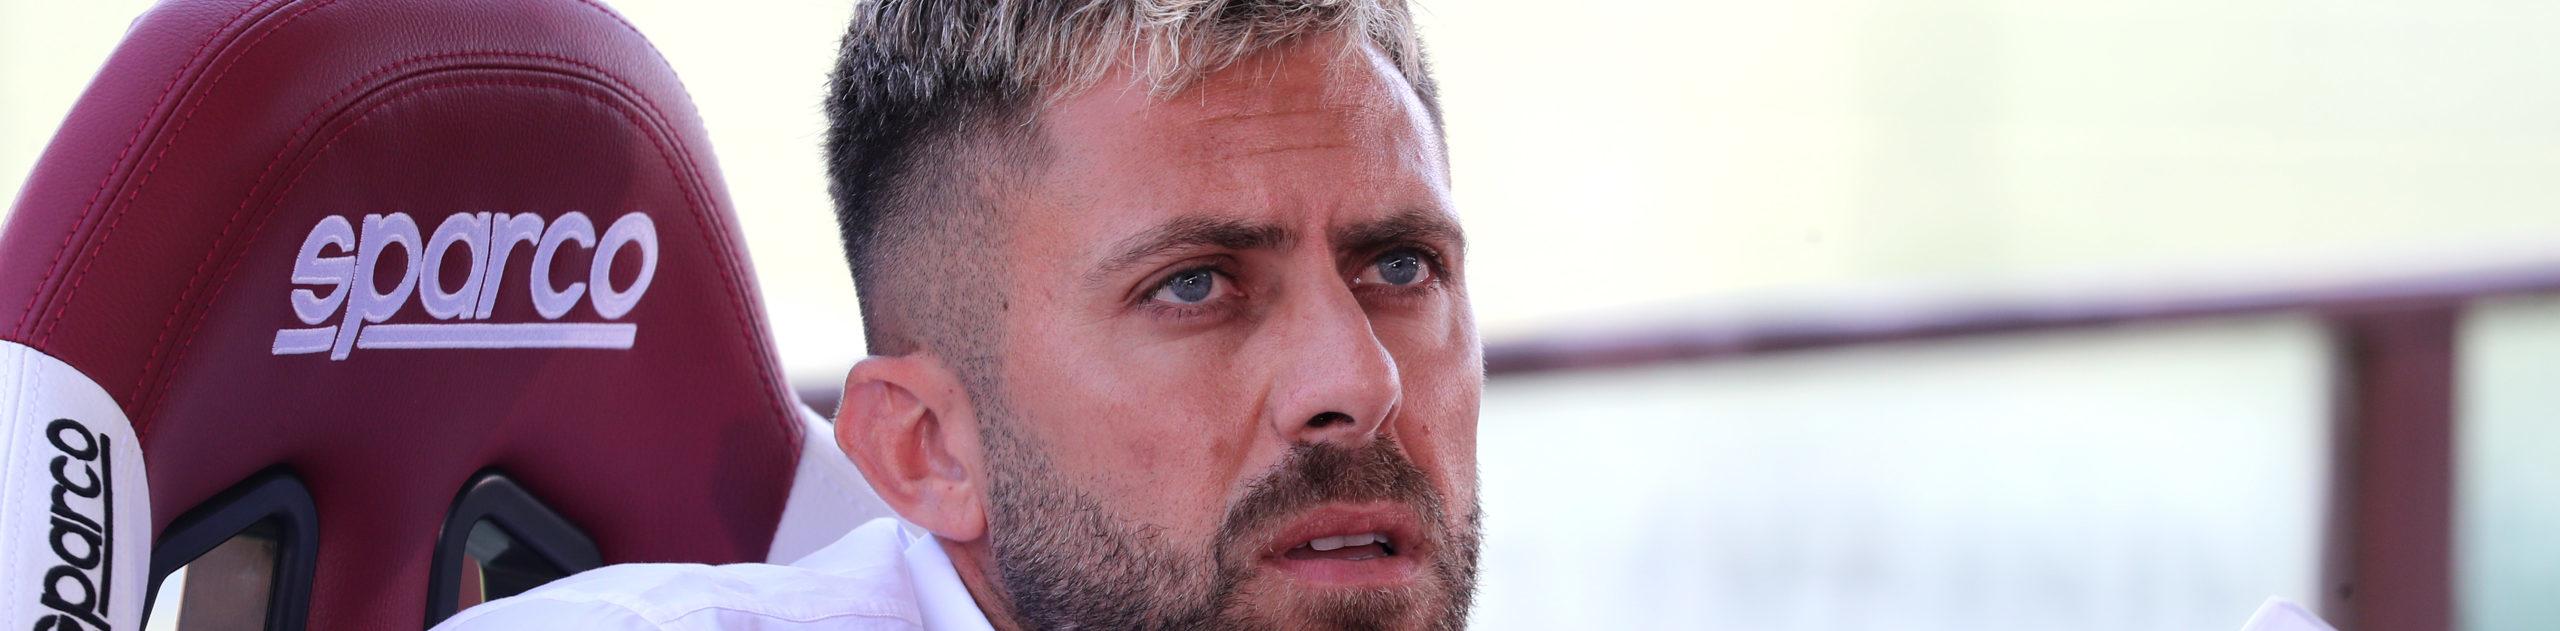 Pronostici Serie B 2020/2021, 2ª giornata: Monza di scena a Empoli